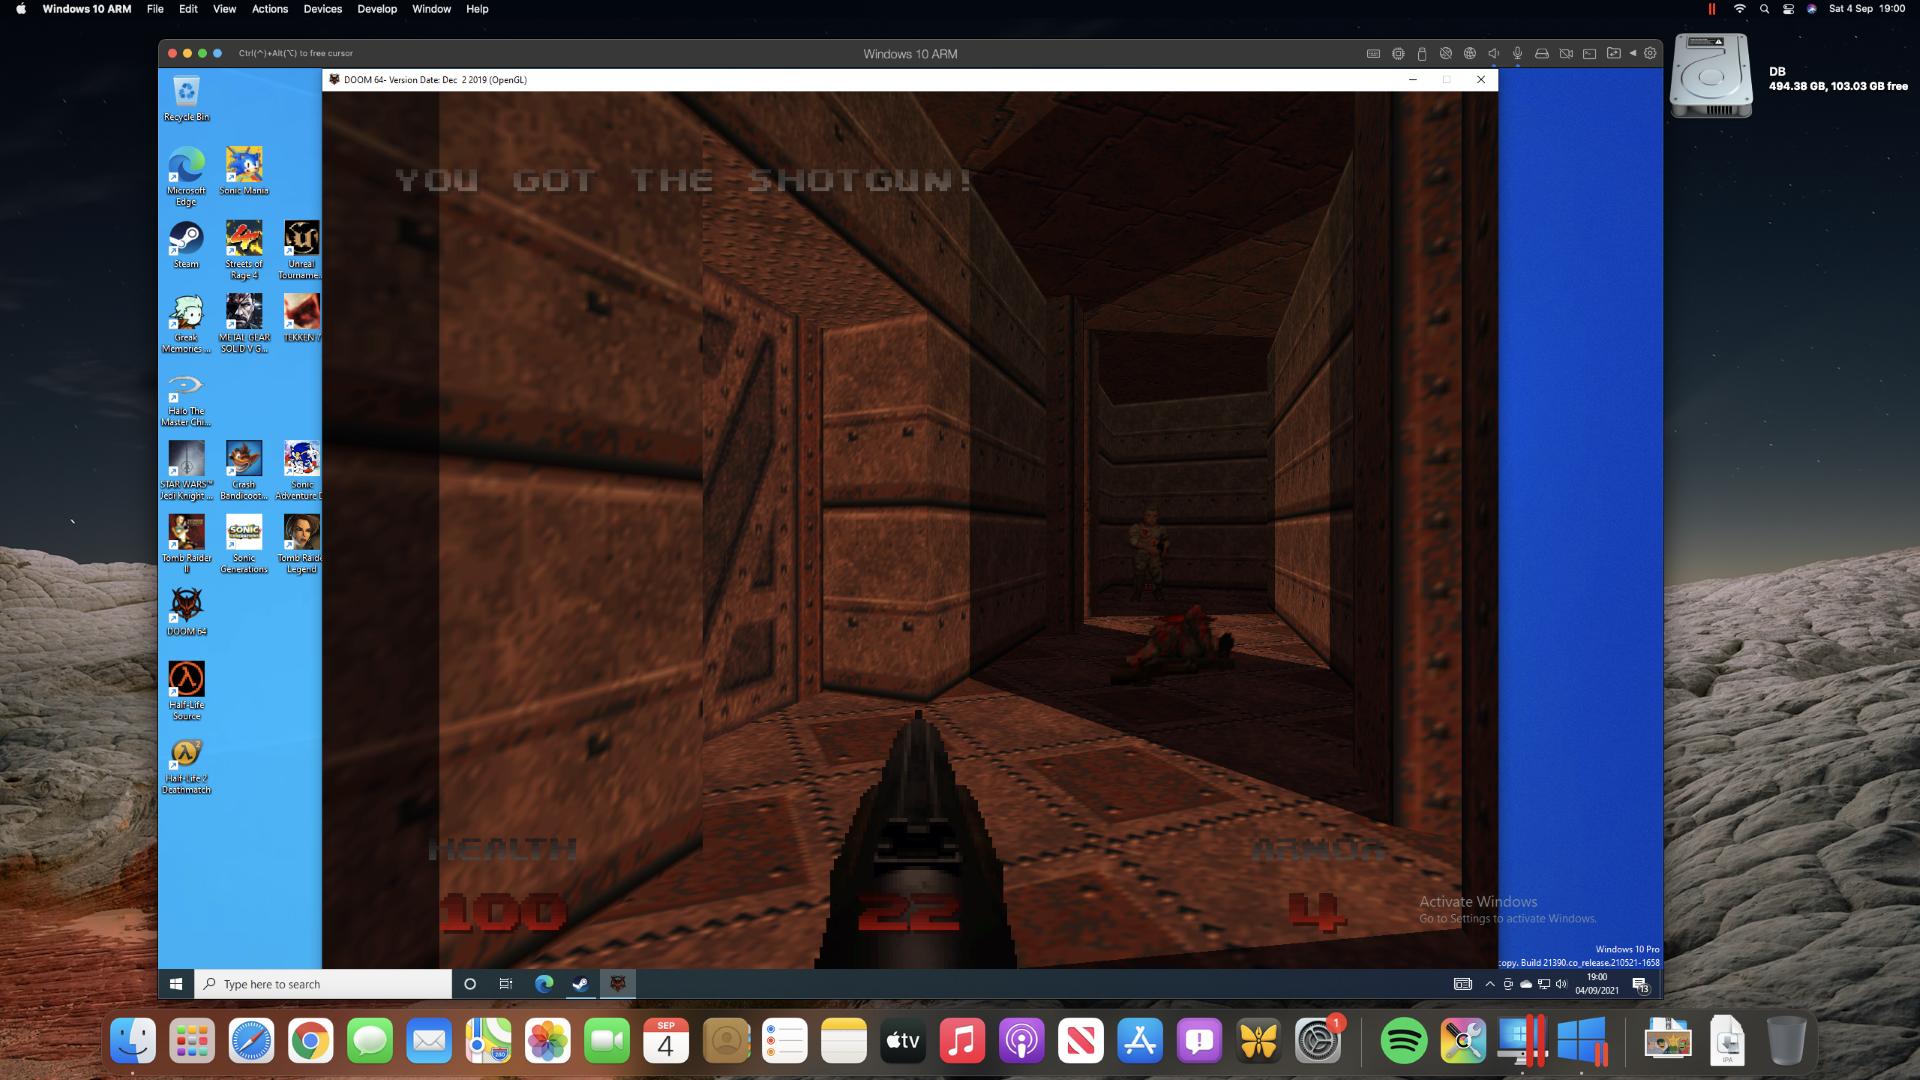 Quake ejecutándose en Parallels Desktop en una Mac mini M1